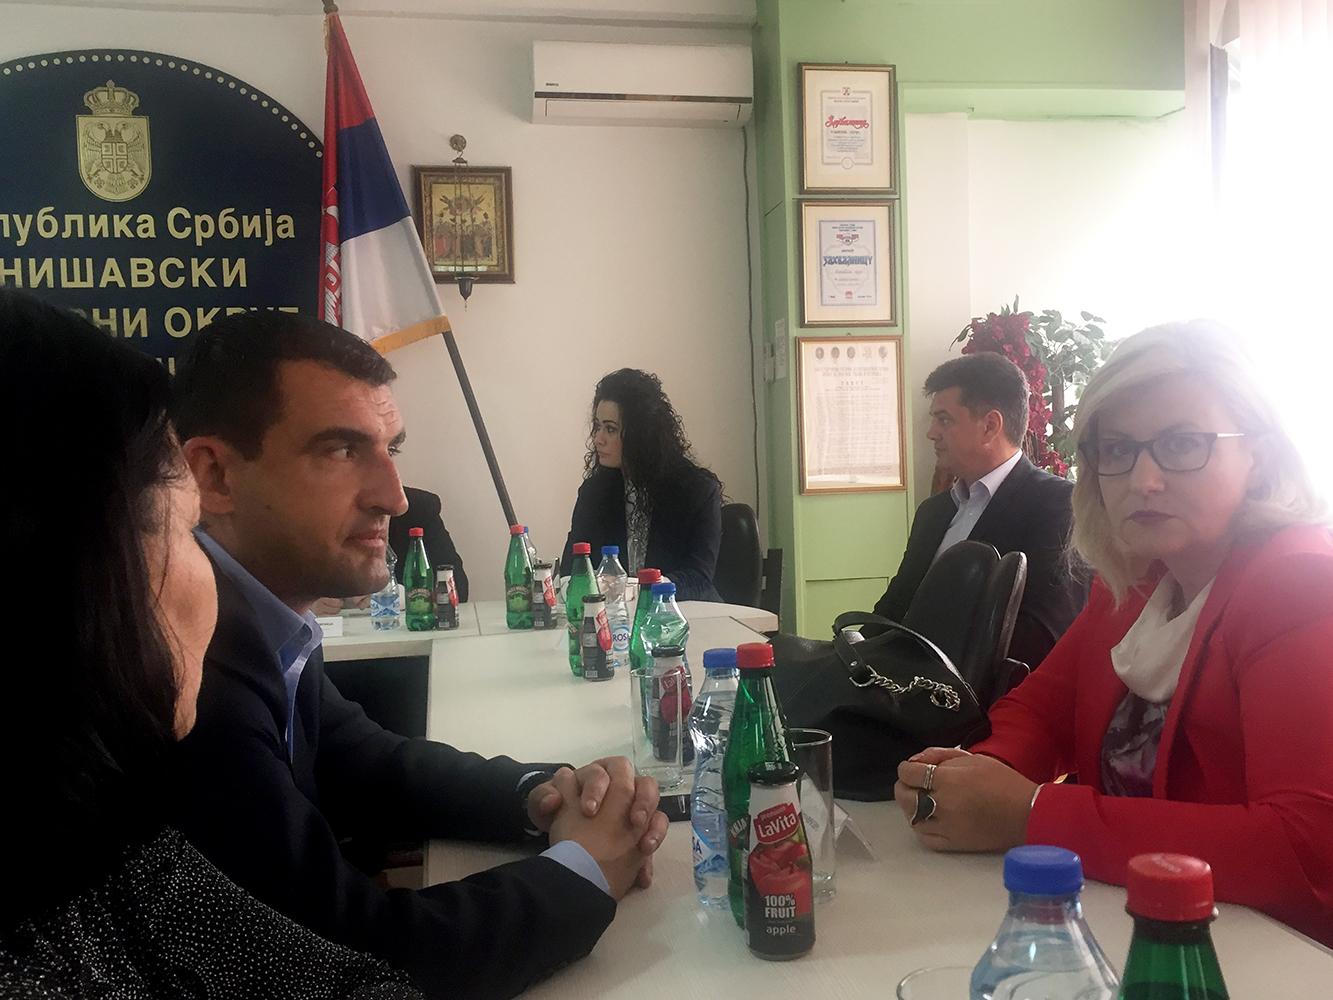 Румунска делегација у Нишавском управном округу